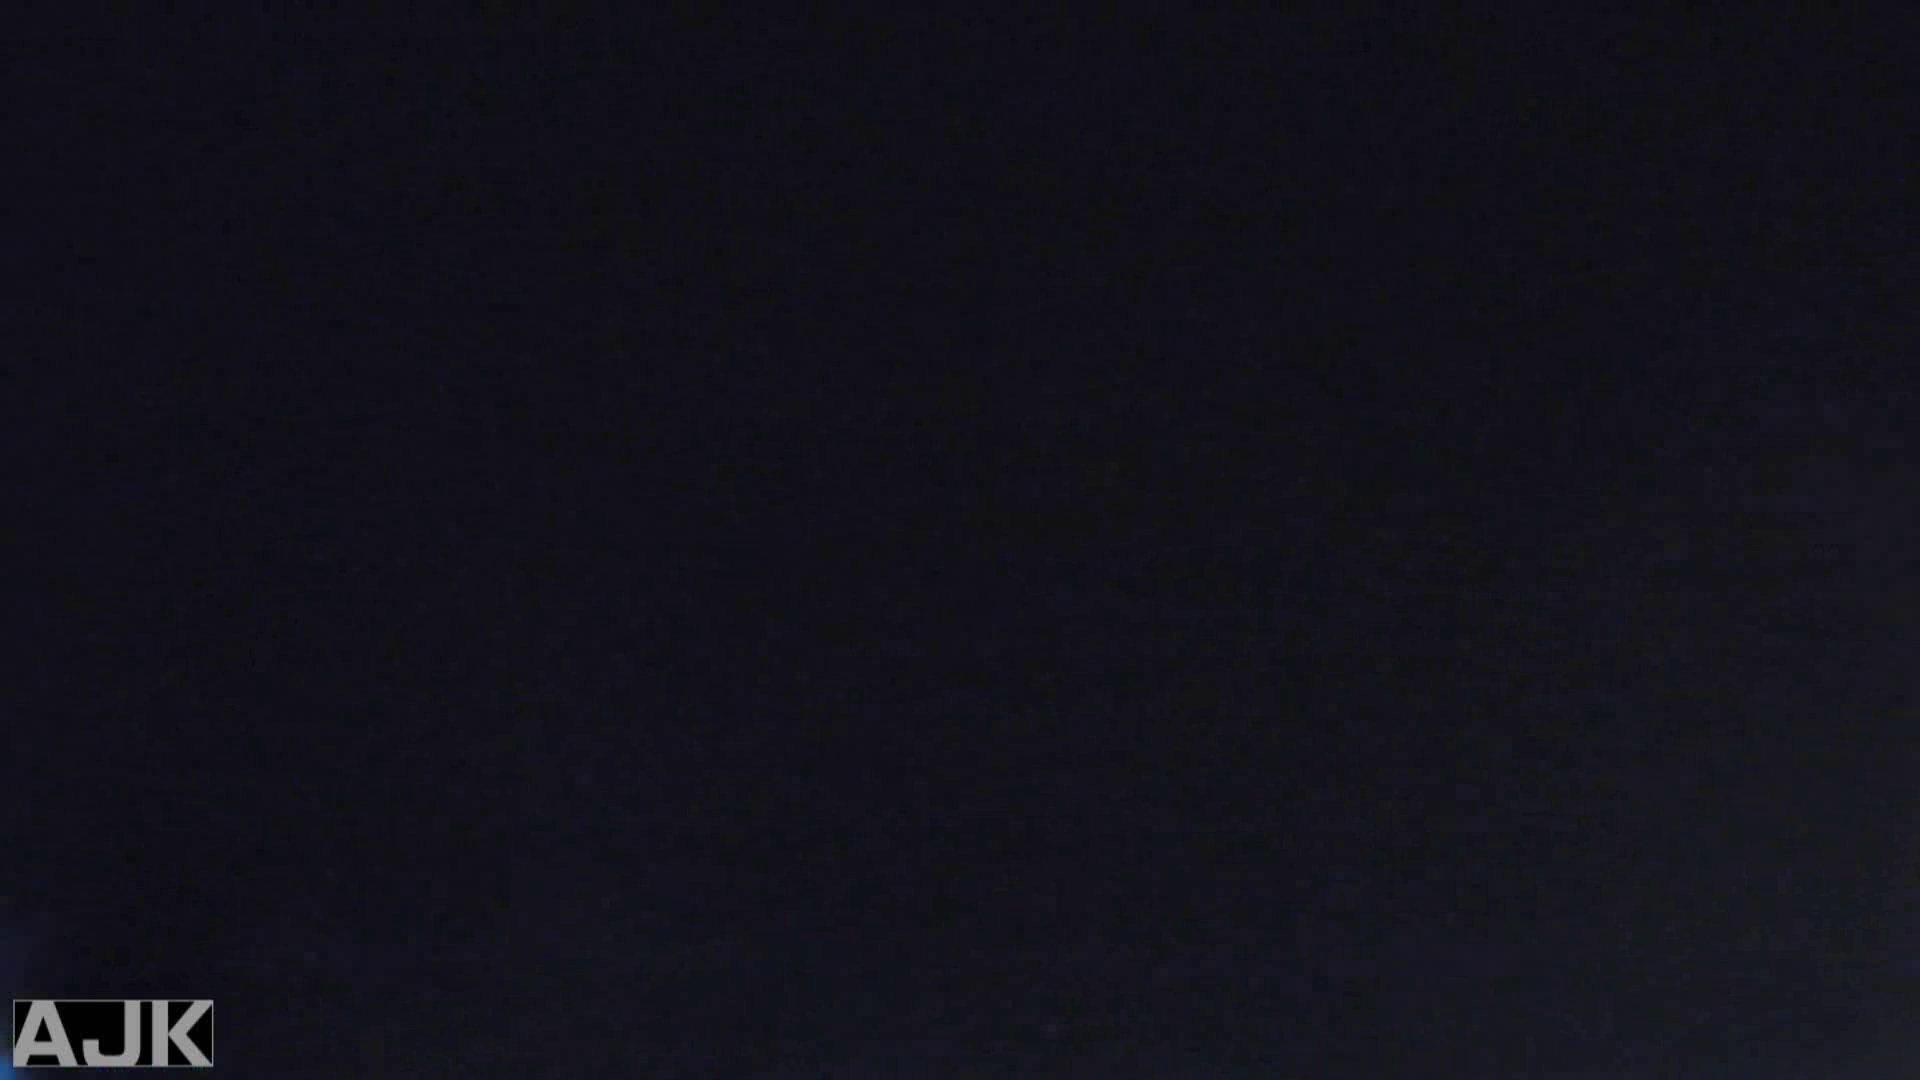 神降臨!史上最強の潜入かわや! vol.22 美女まとめ セックス無修正動画無料 112PIX 100